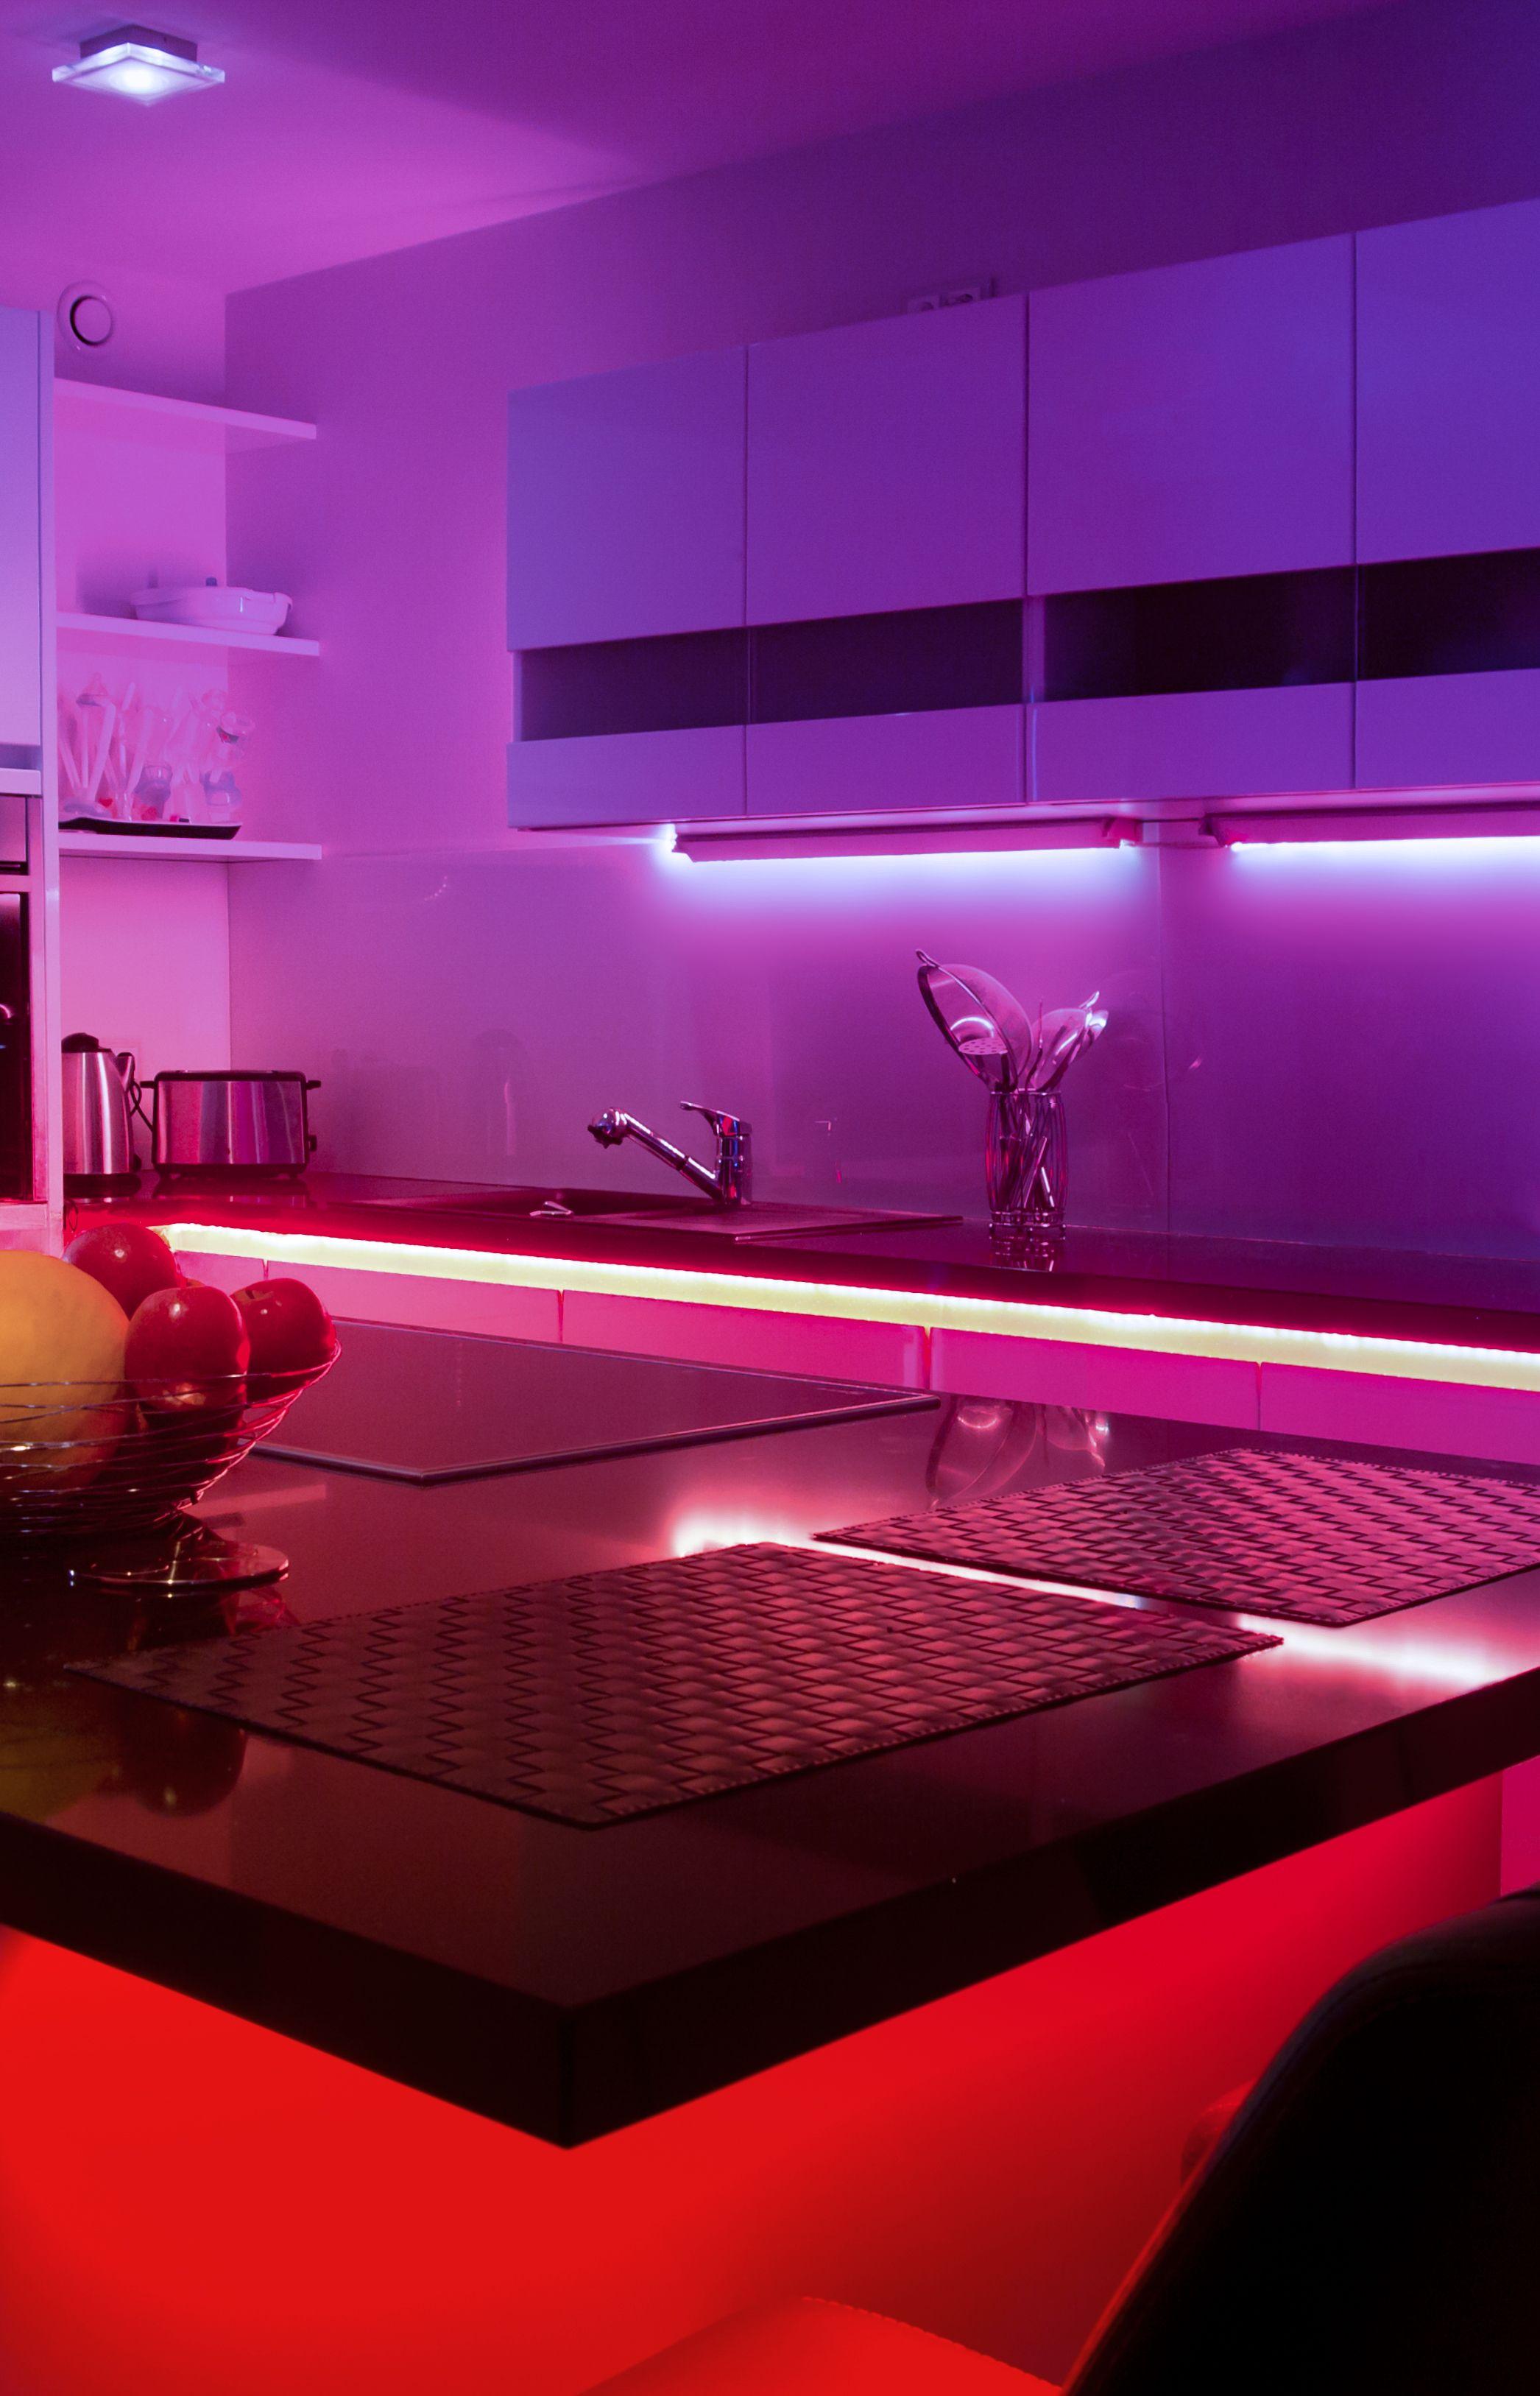 Inspirierend Led Unterbaustrahler Küche